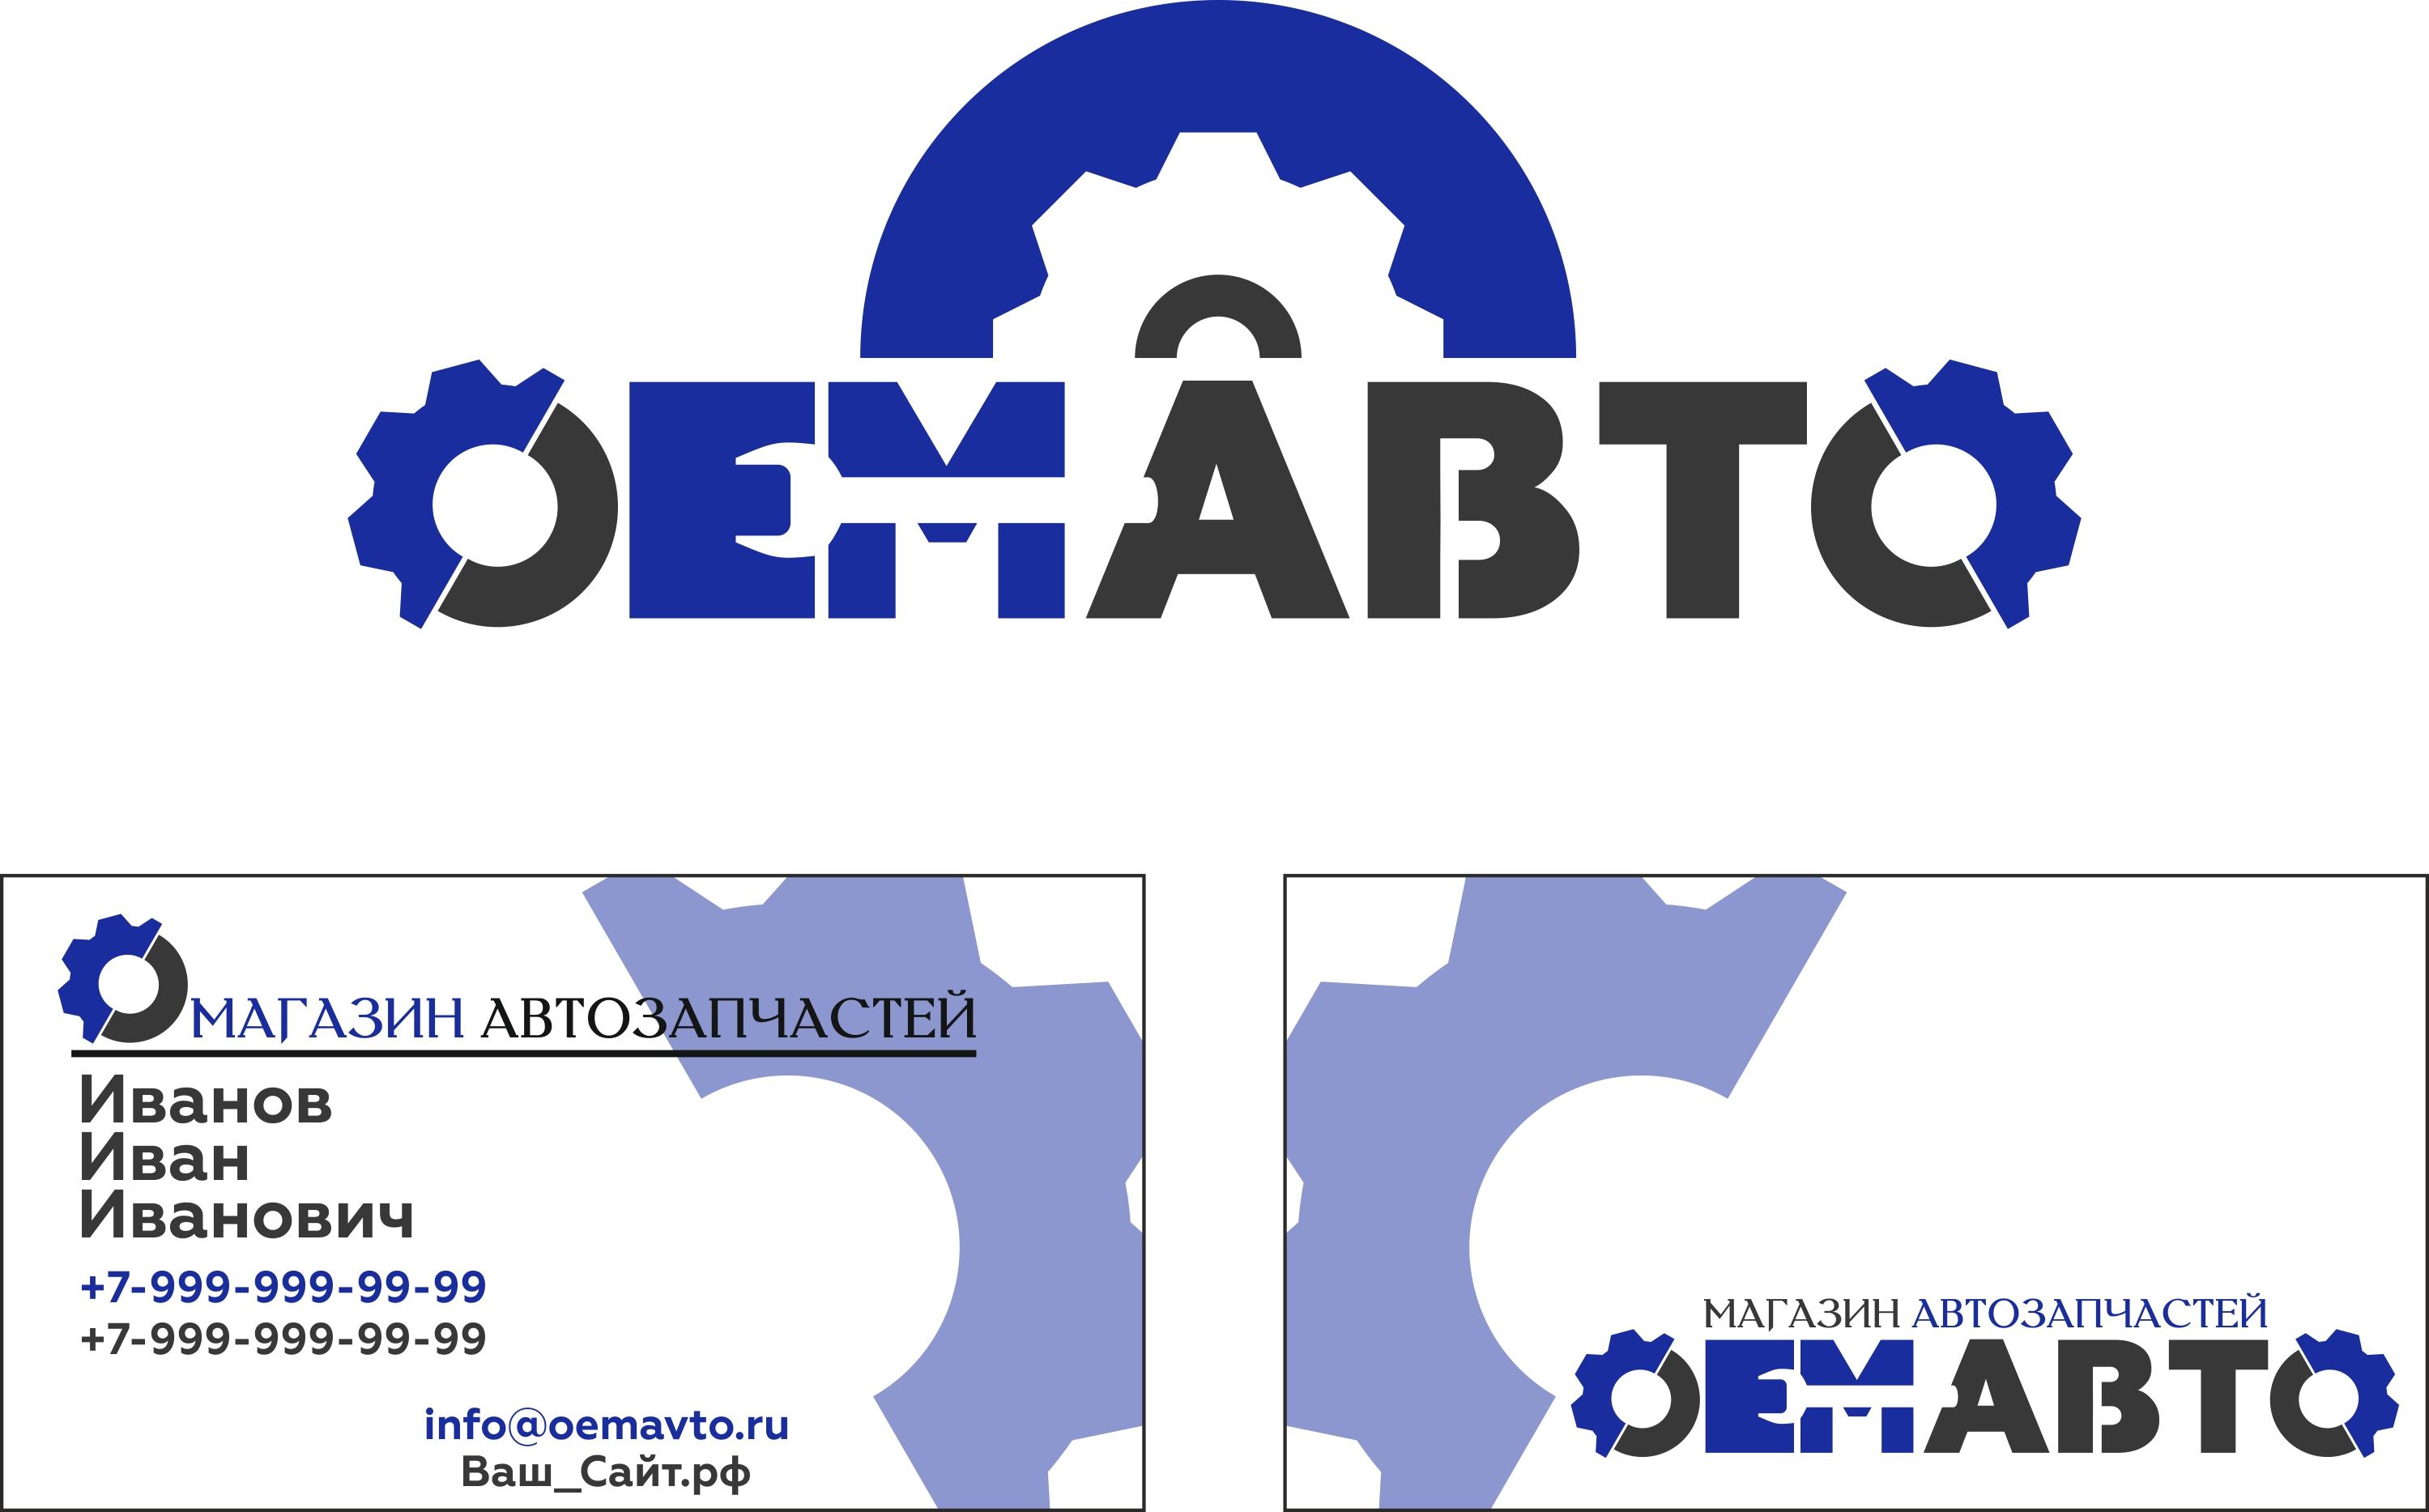 Разработать логотип и дизайн визитки  фото f_2045b6c46b1e9438.jpg